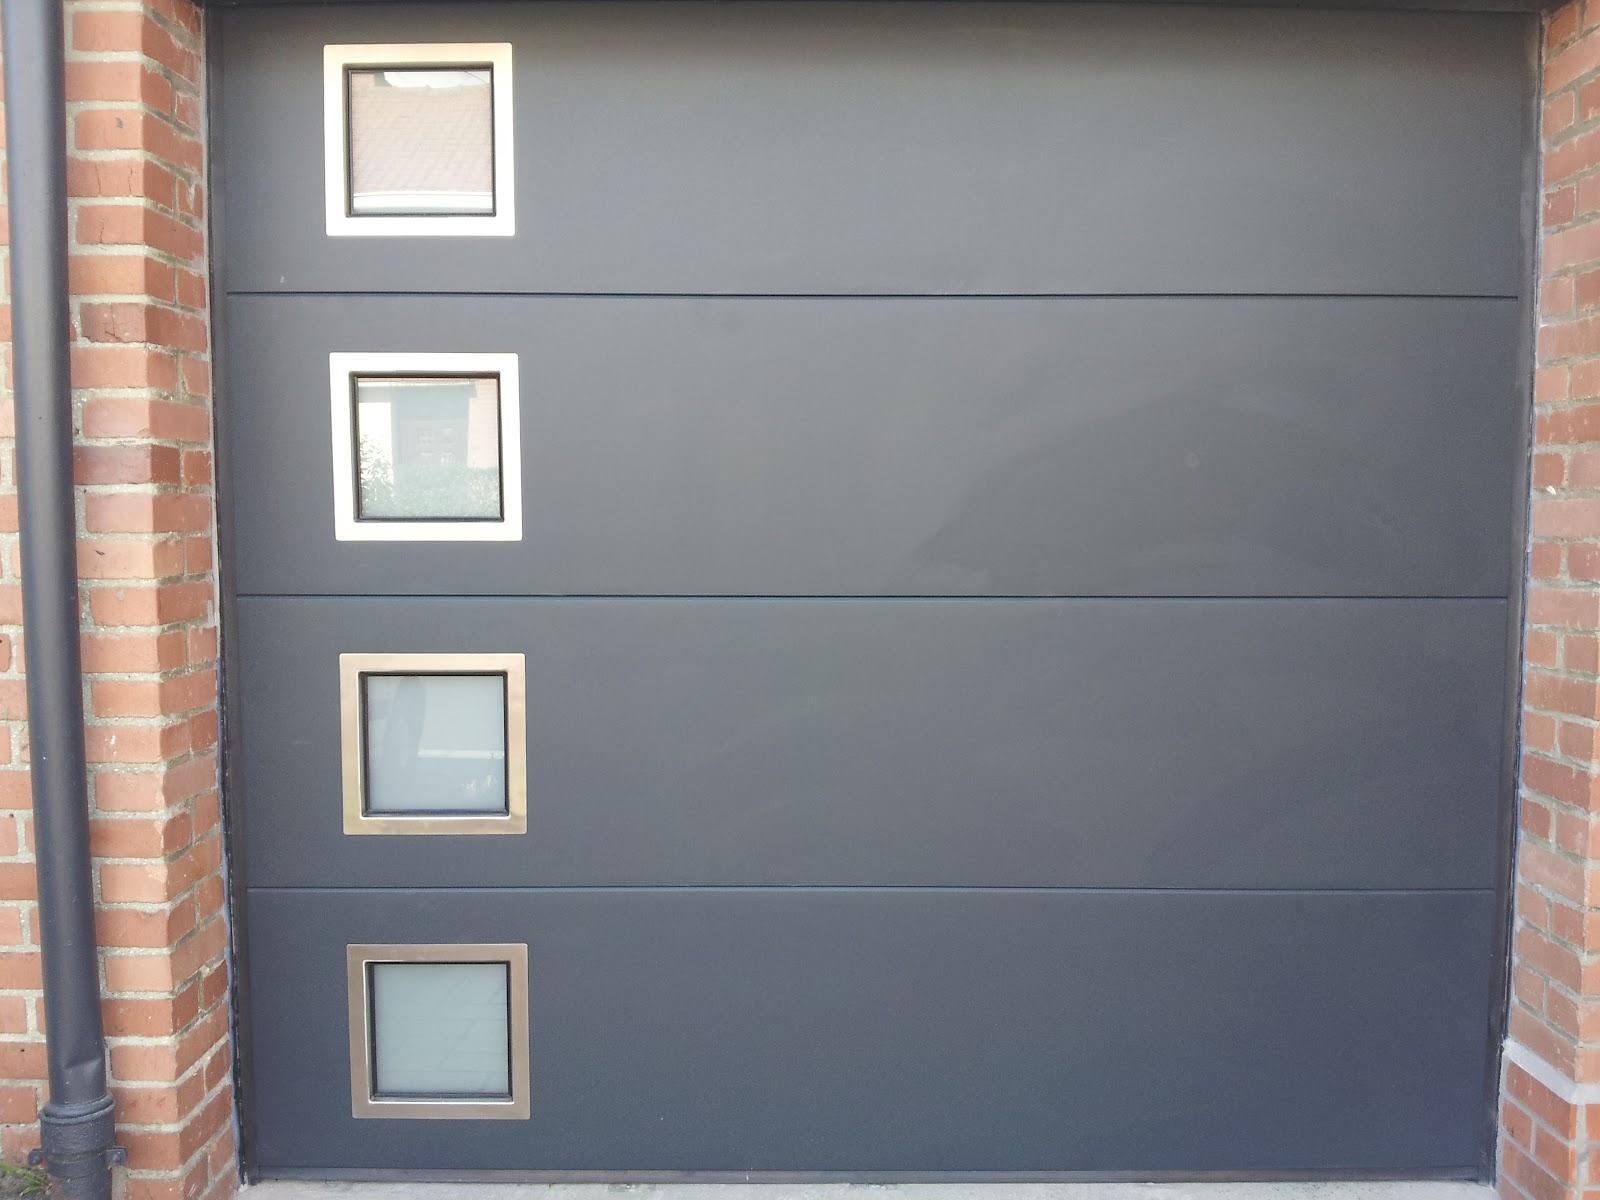 Moderniser votre fa ade avec des portes en aluminium for Facade de porte